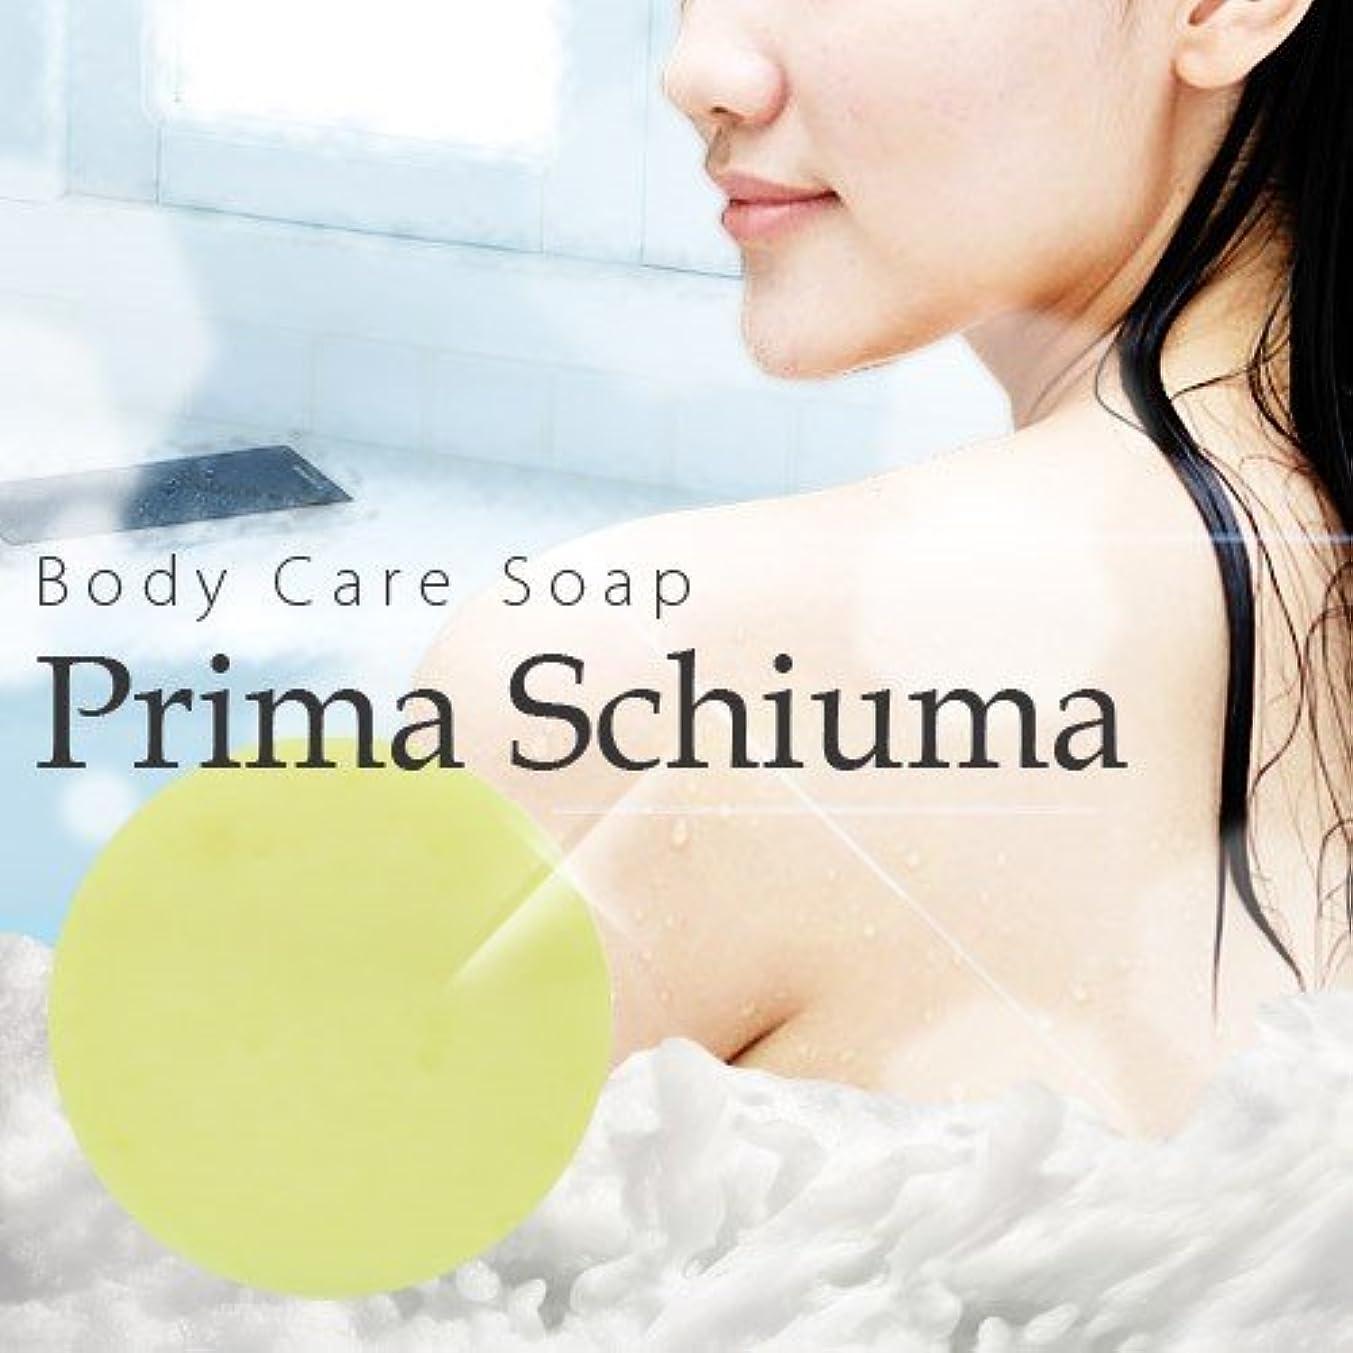 スカープ出発する虫を数えるPrima Schiuma(プリマスキューマ)